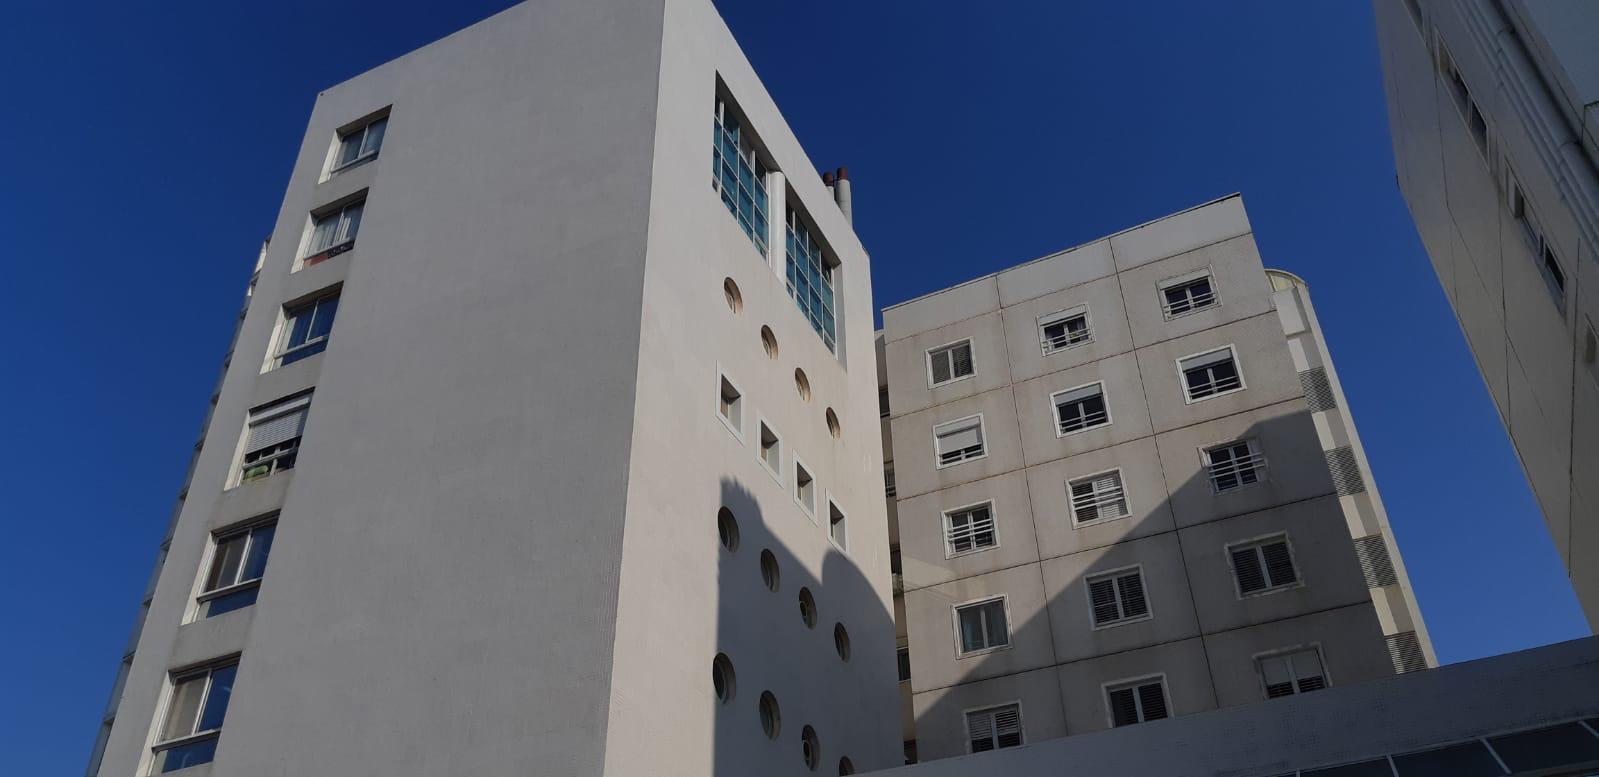 Photo of רגעי חרדה הבוקר בבית אבות ברחוב אברהם שלונסקי 6 בתל אביב בעקבות שריפה שפרצה בבניין, אחת הדיירות פונתה במצב קל